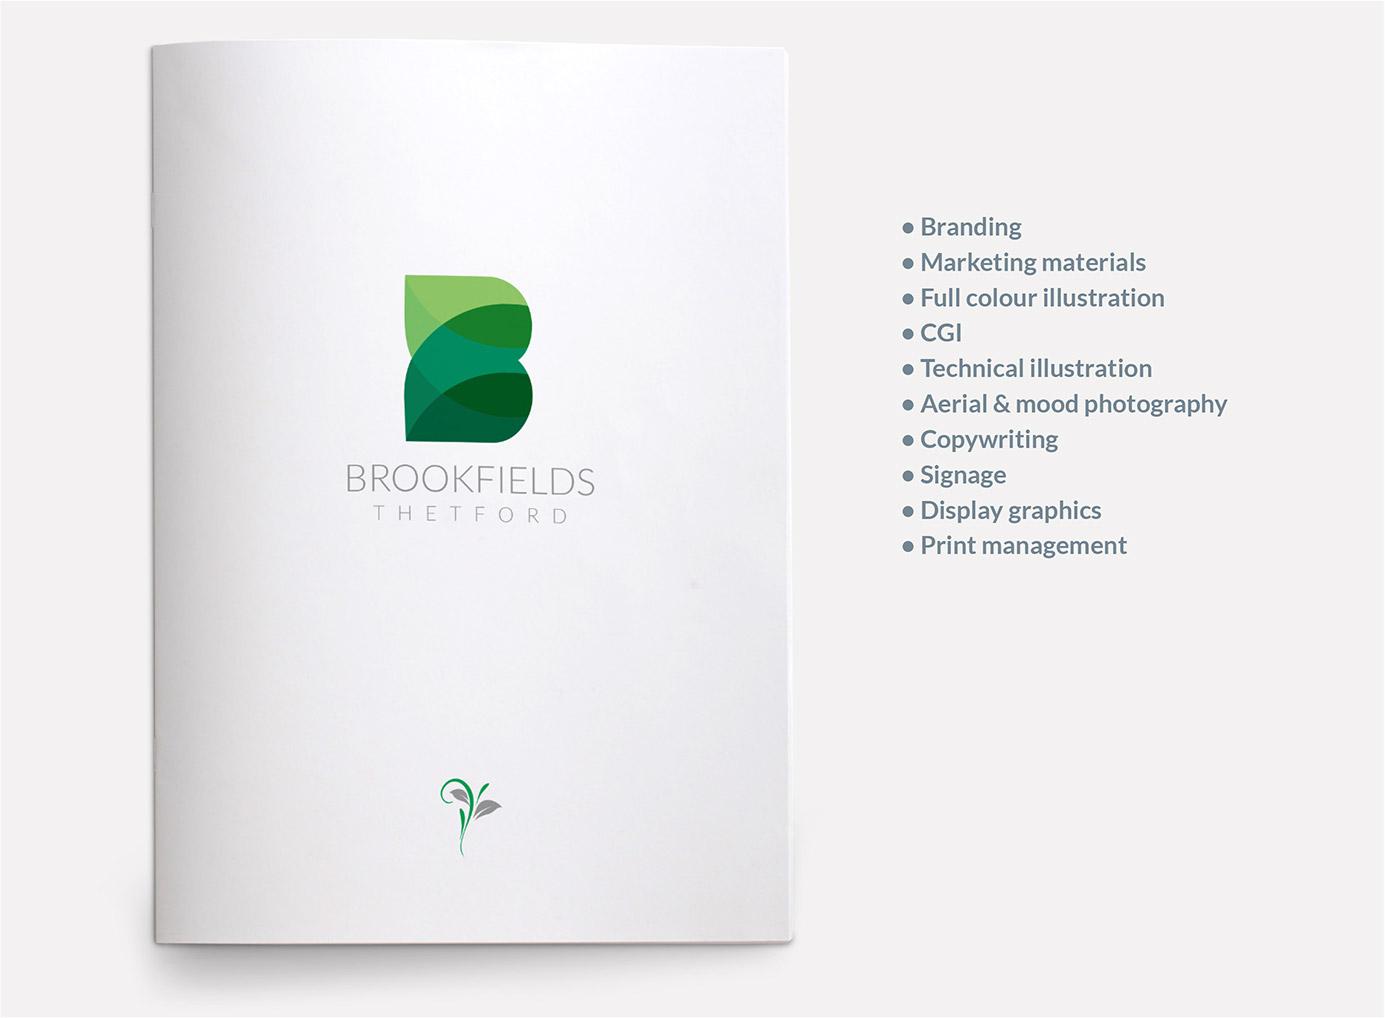 brookfields-services